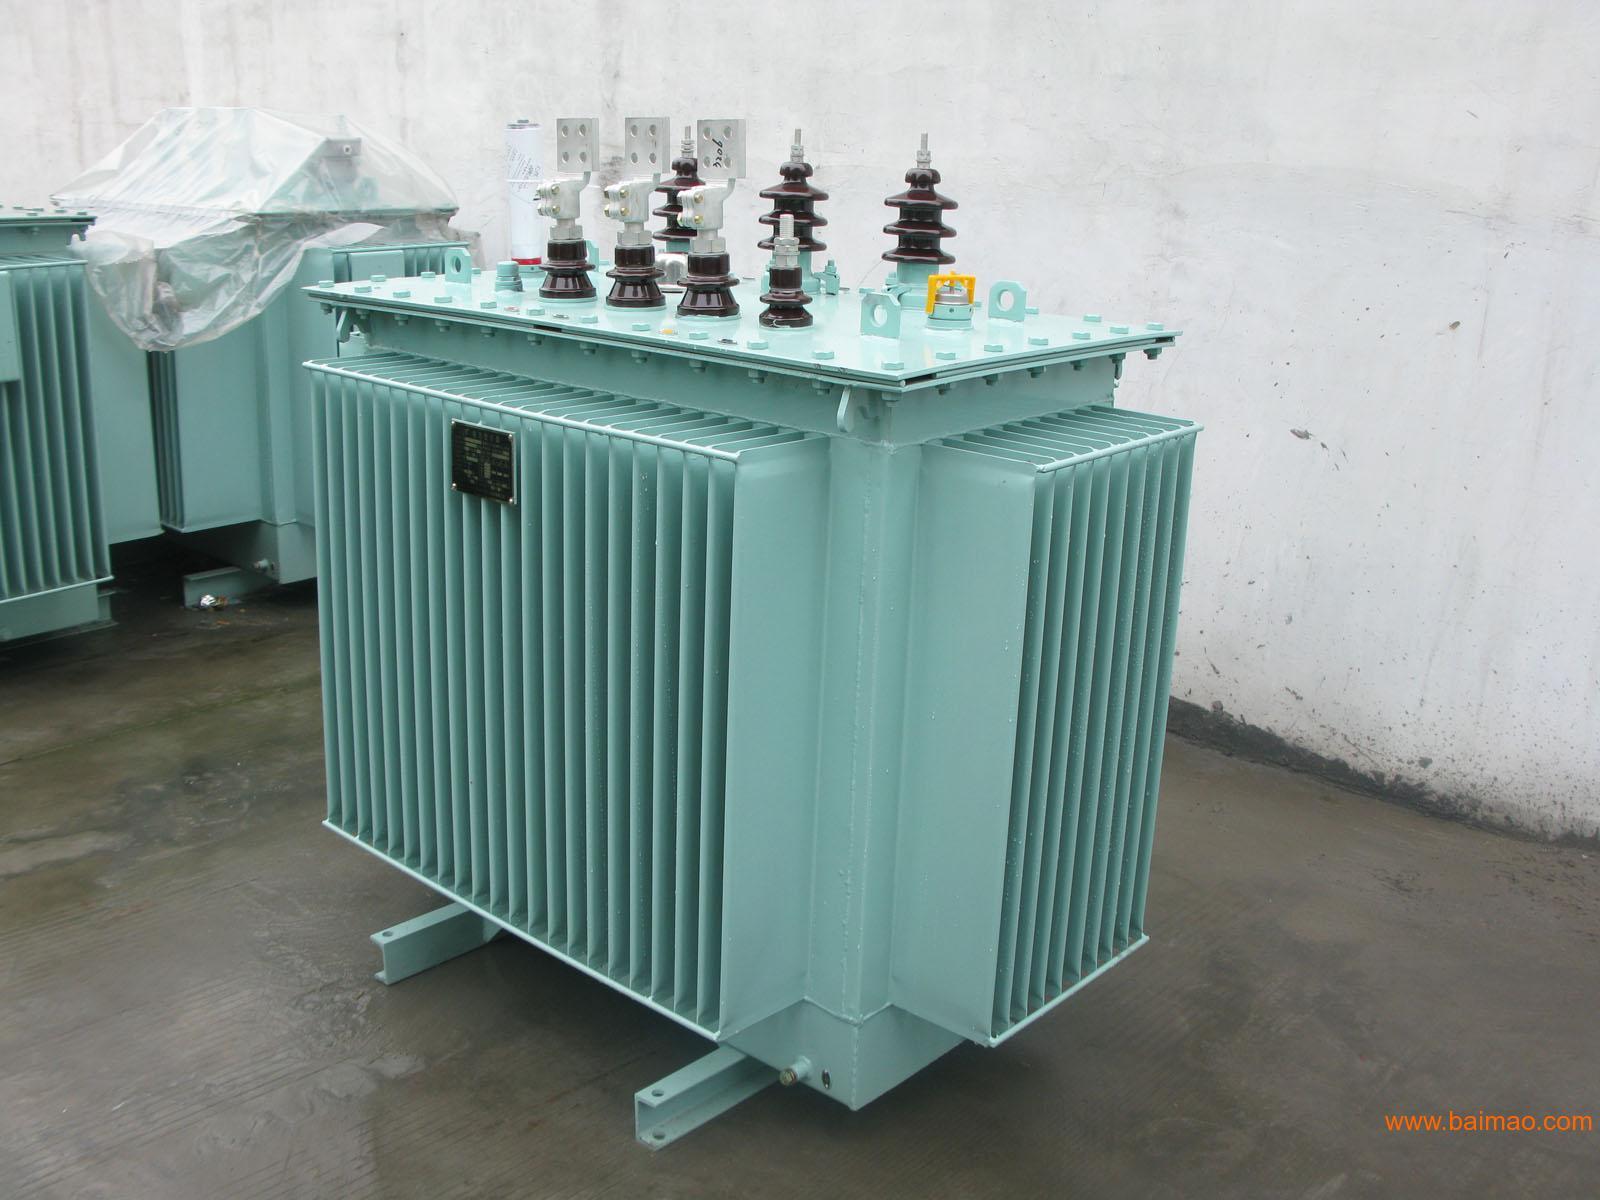 三相变压器 S9 500kva10kv 电力变压器,三相变压器 S9 500kva10kv 电力变压器生产厂家,三相变压器 S9 500kva10kv 电力变压器价格